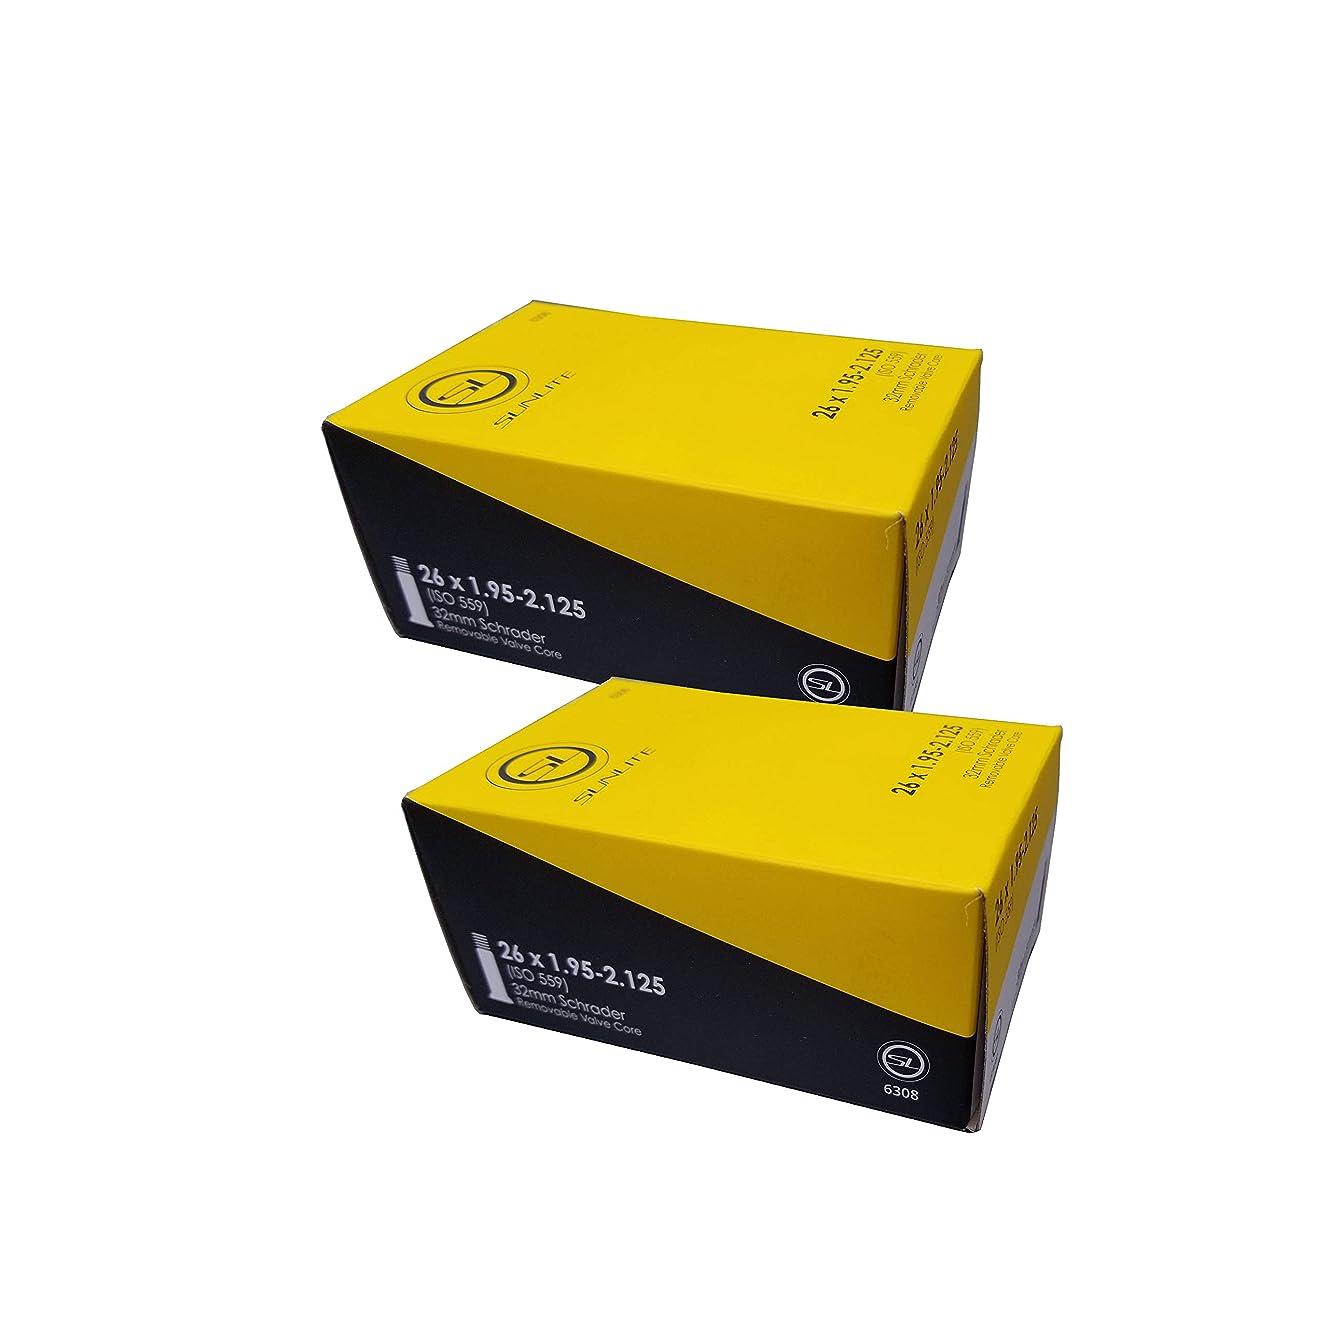 Street Fit 360 Tube, 26 x 1.95-2.125 32mm Schrader Valve